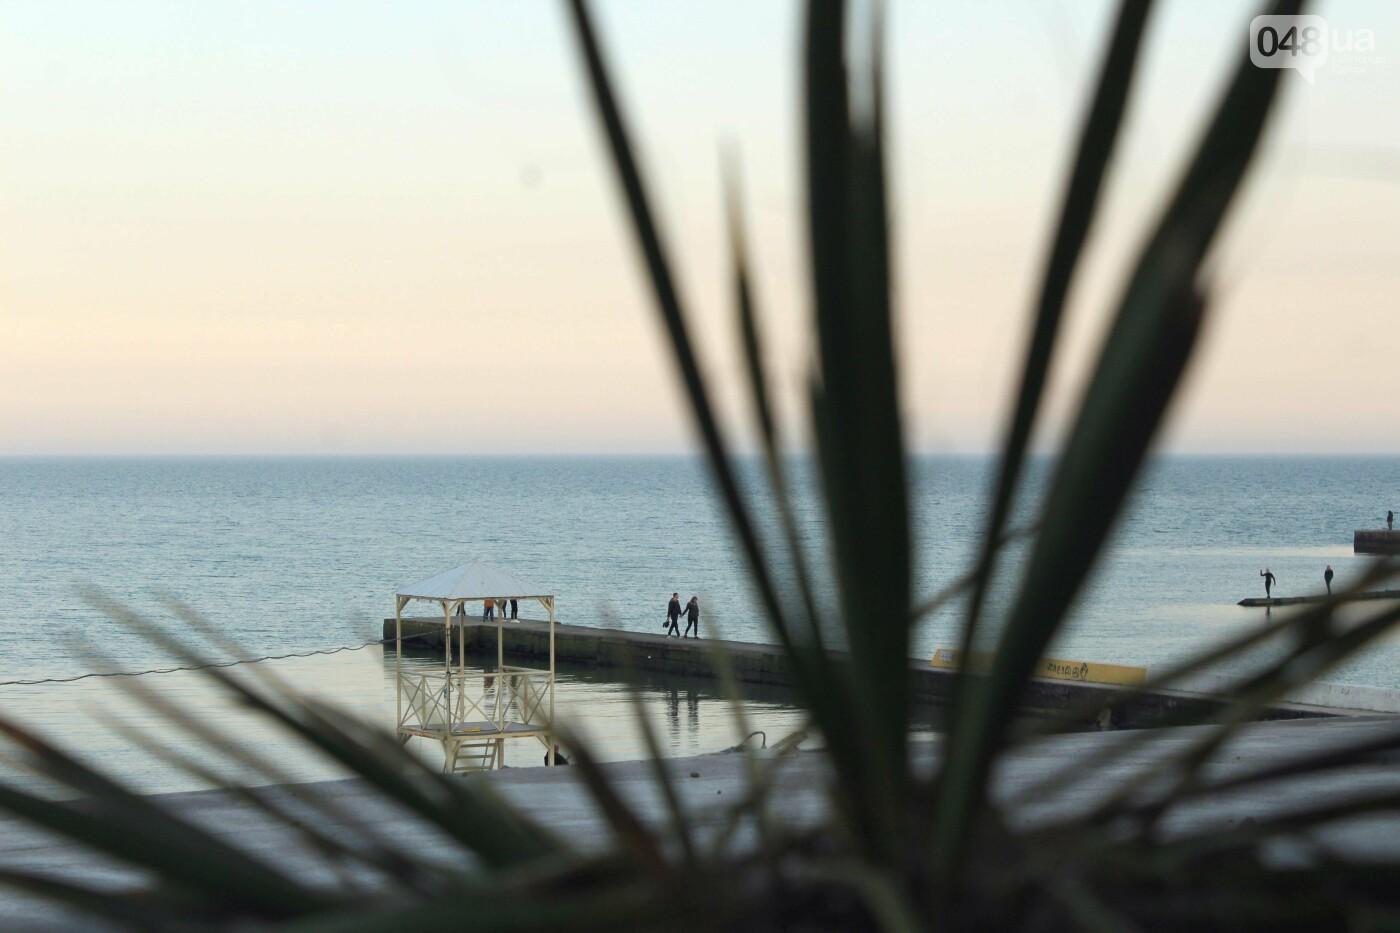 Апрель, Одесса, пляж: закат раскрасил море лазурными красками,- ФОТОПЯТНИЦА, фото-12